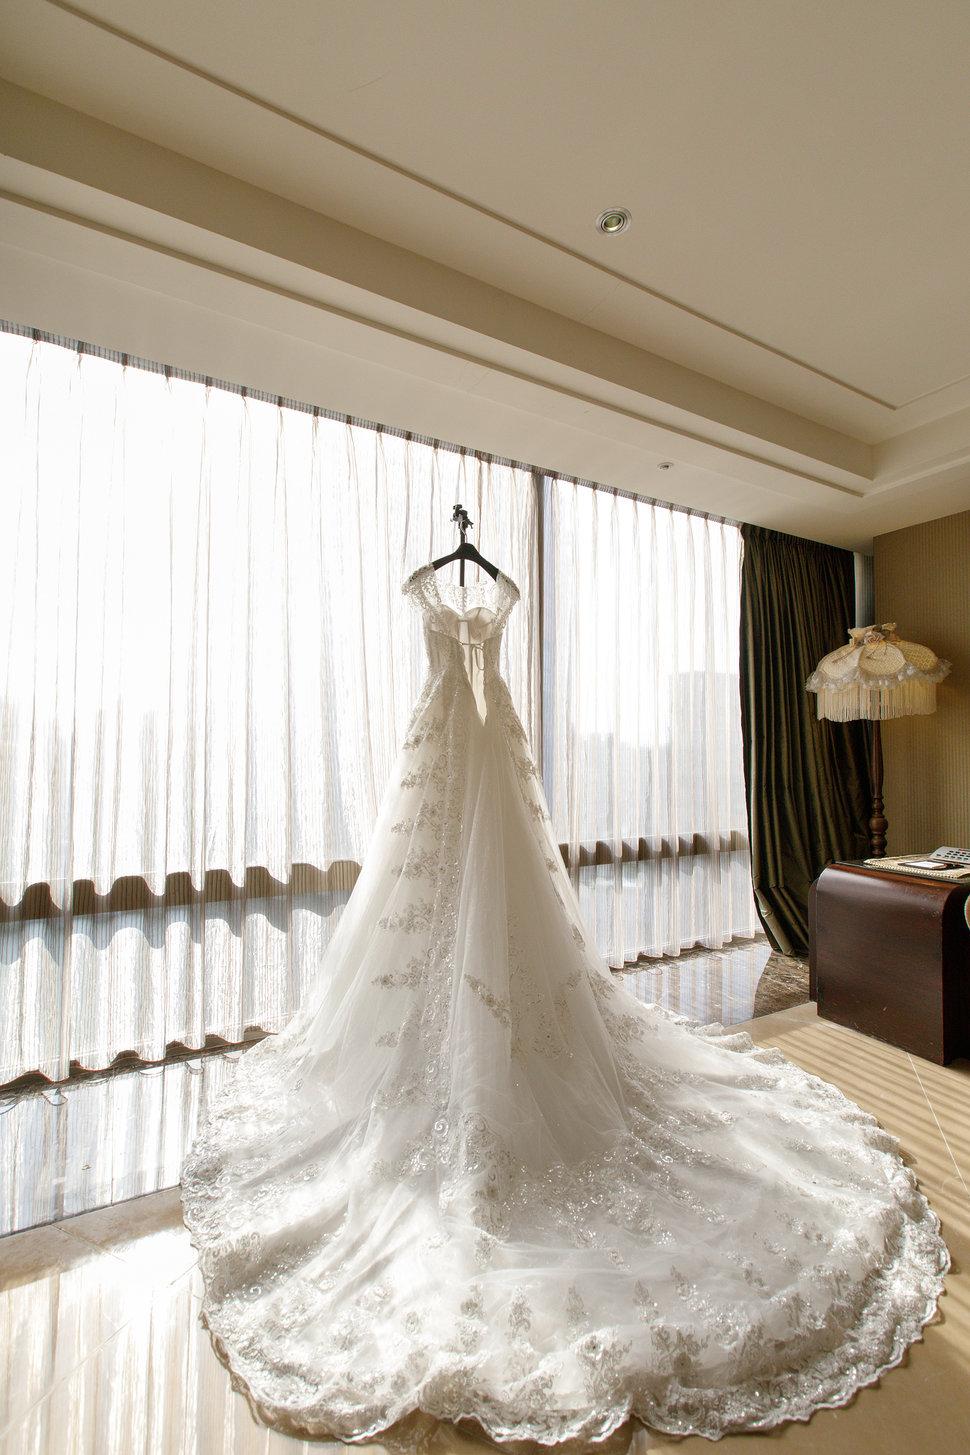 0001-2L3A0011 - 小夫妻婚攝《結婚吧》